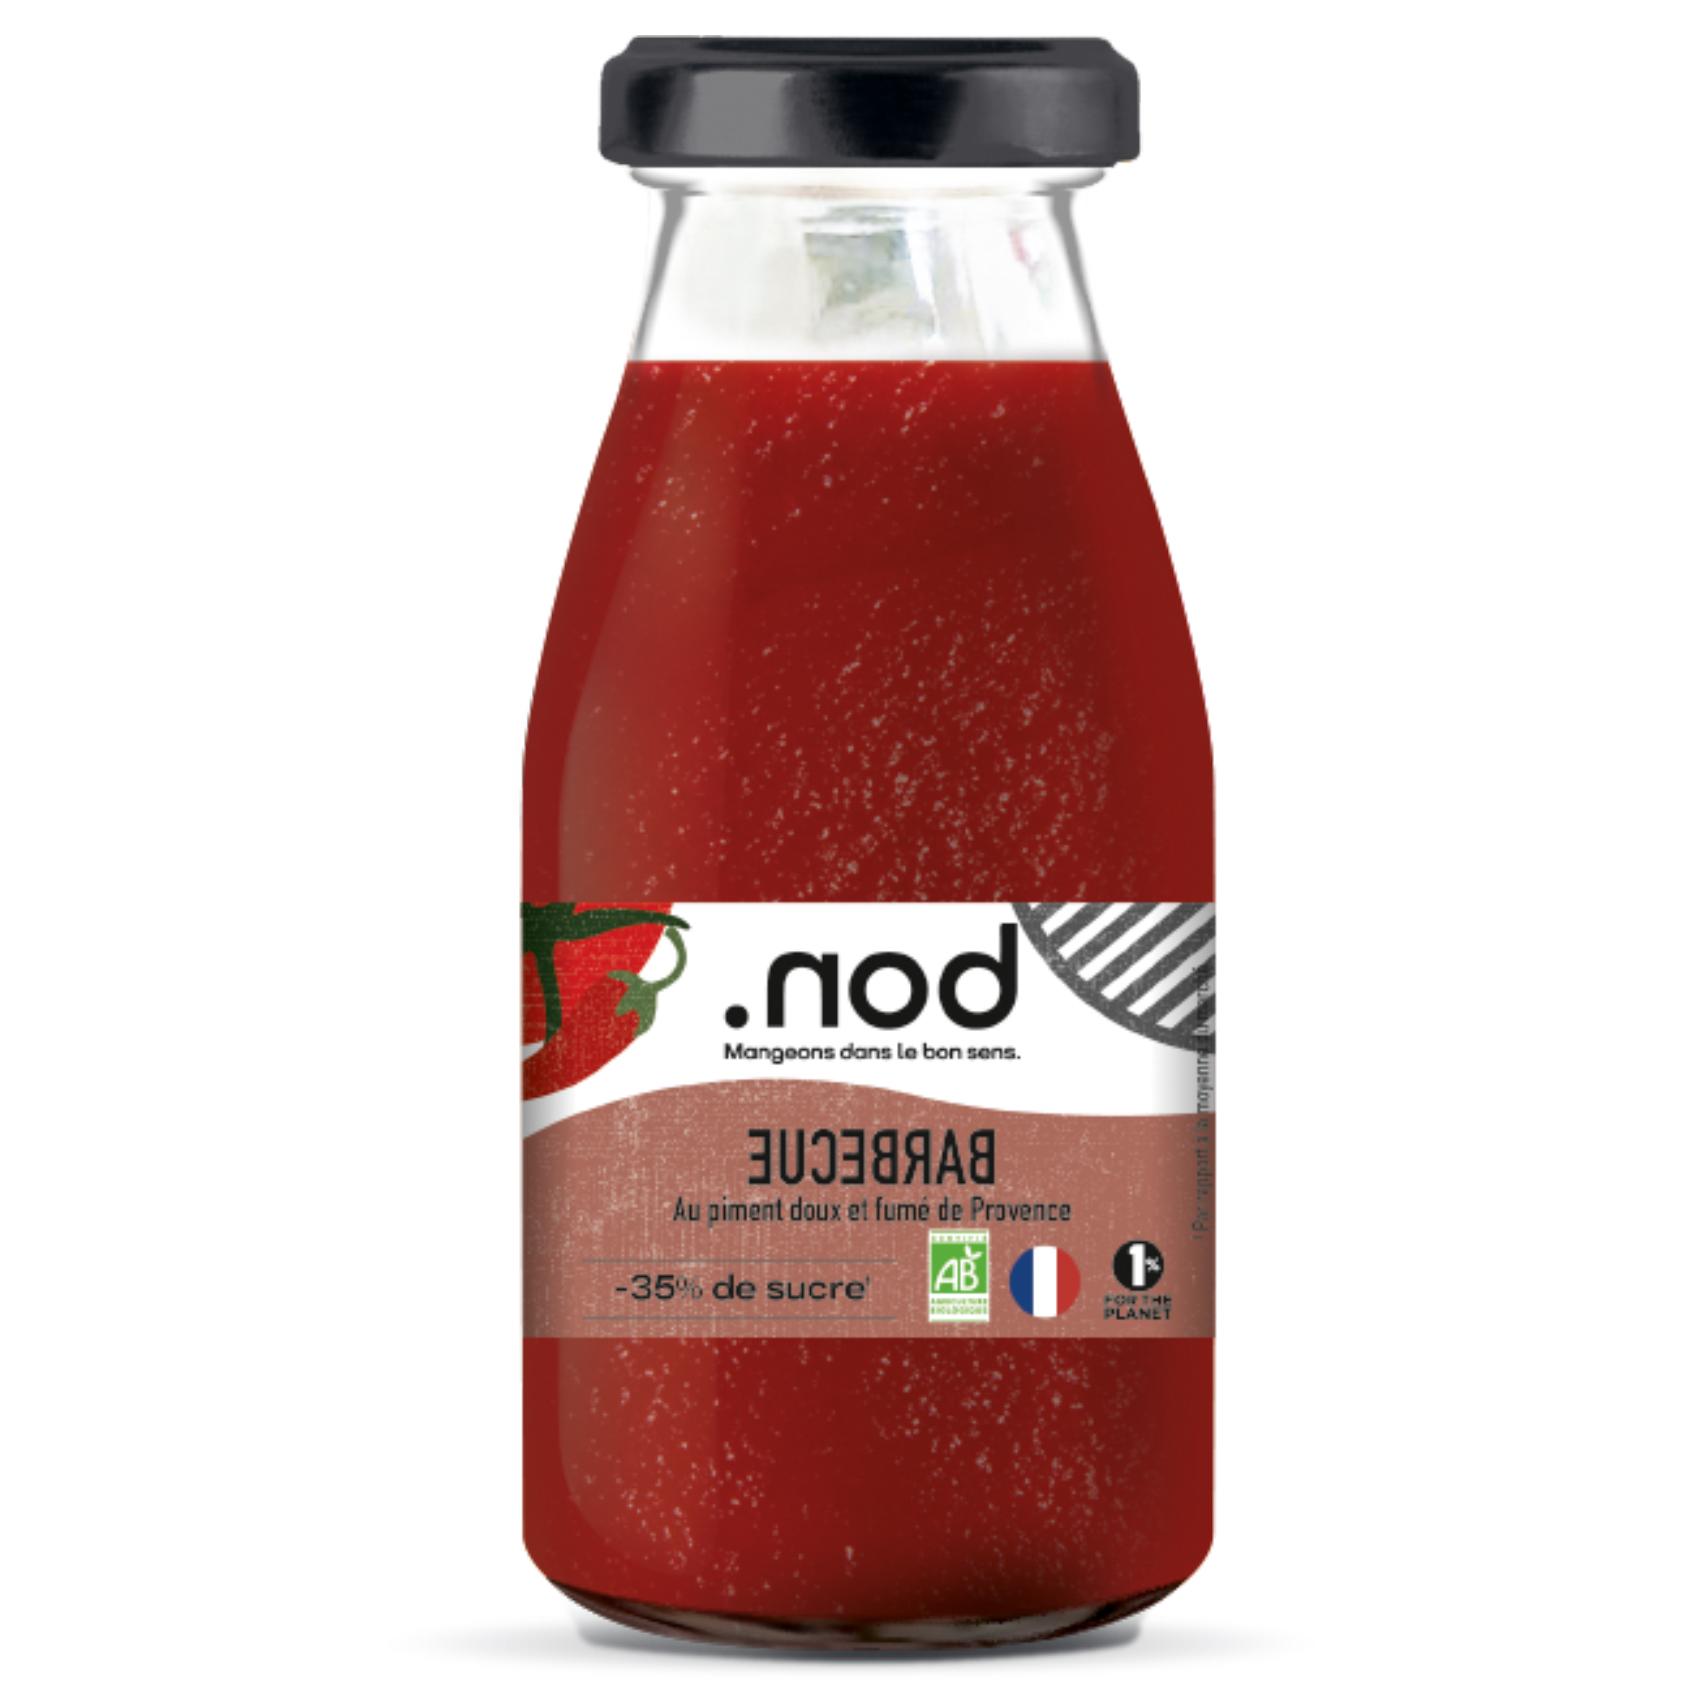 BBQ FACE - .nod, la marque pour manger dans le bons sens !